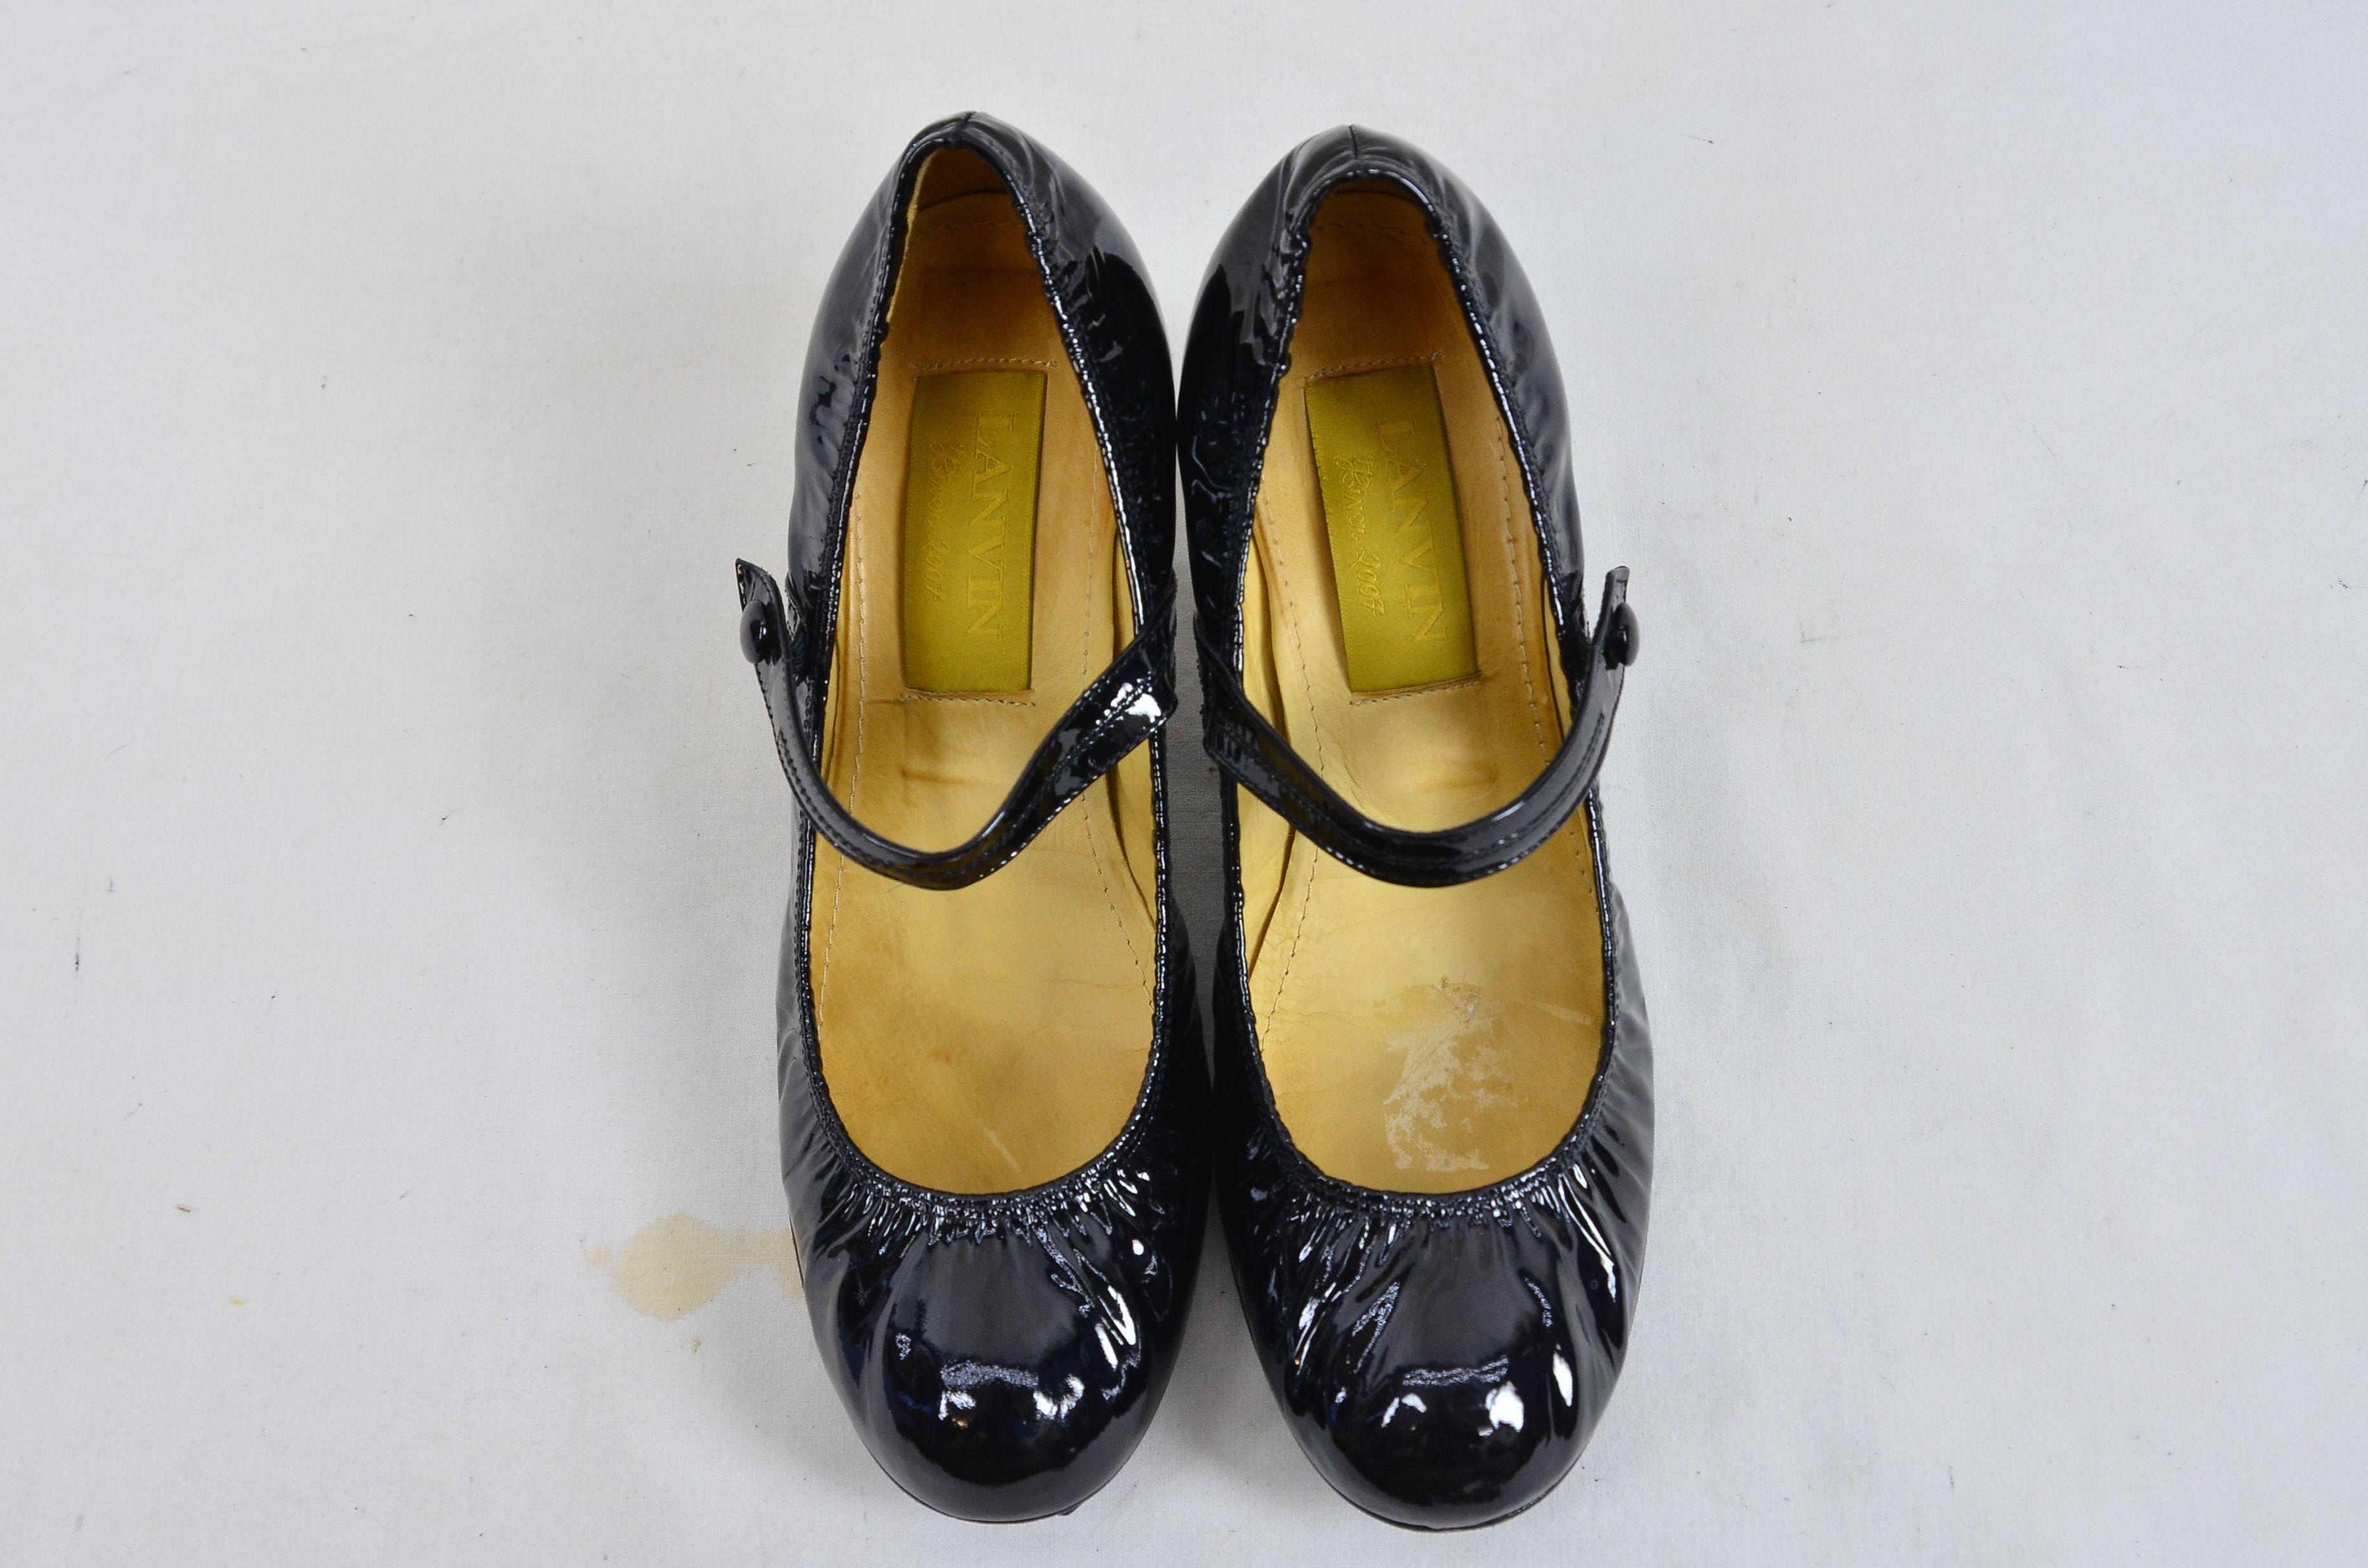 bb73d783209 Lanvin River 2007 Ballerinas Bride Velvet Lamb Heel Ballet Black Shoe 3.  Open Full-Size Image